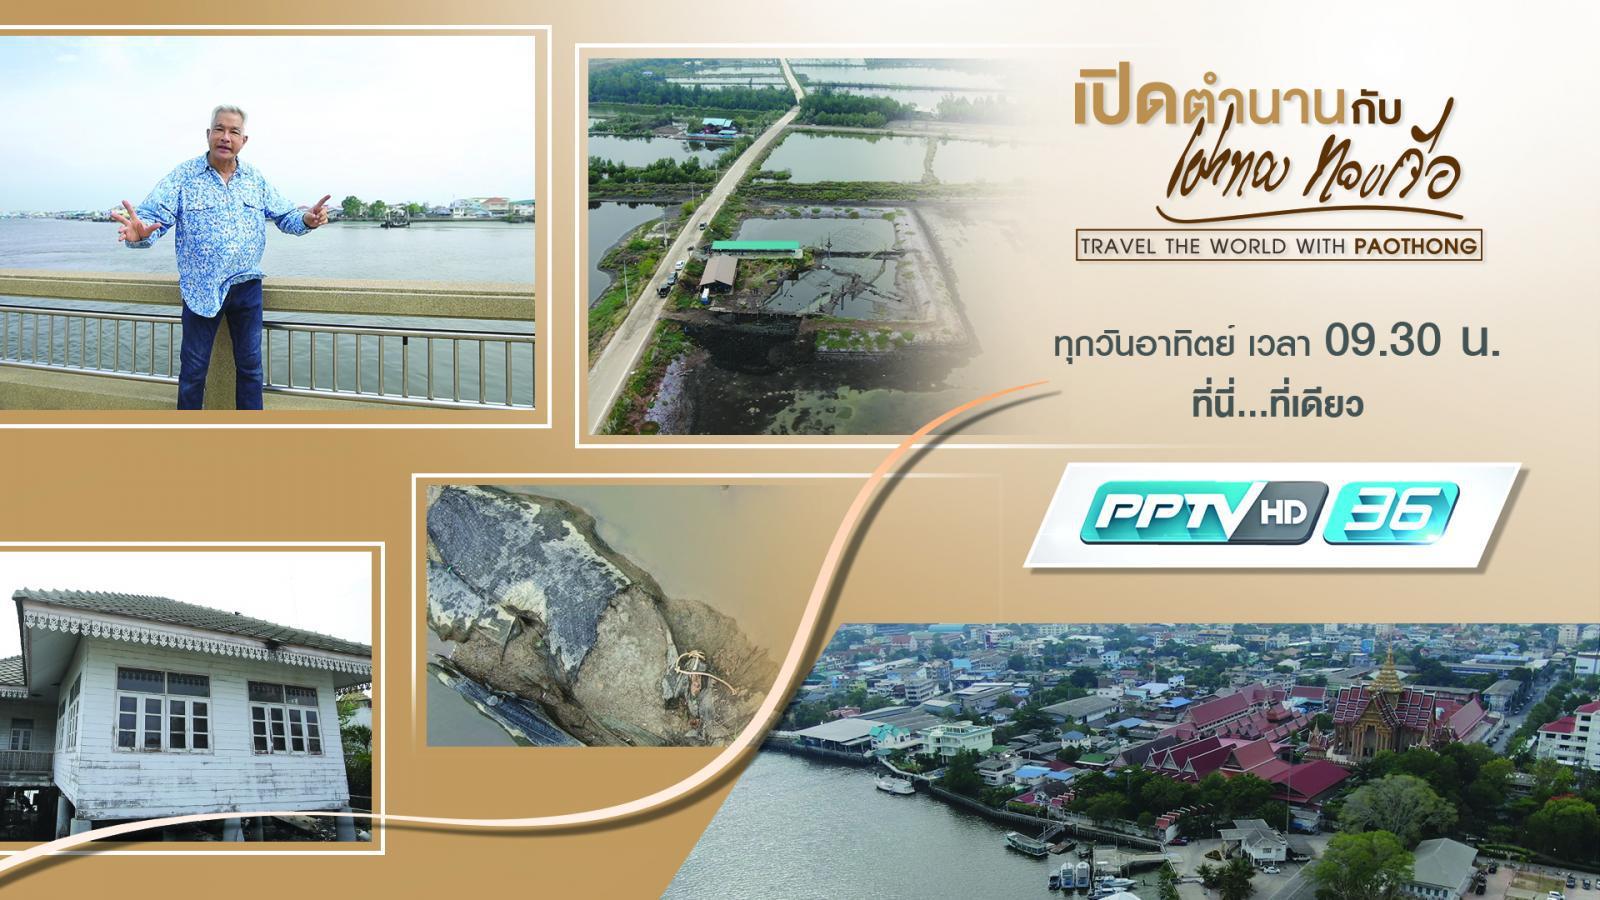 โบราณคดี สมุทรสาคร ประเทศไทย